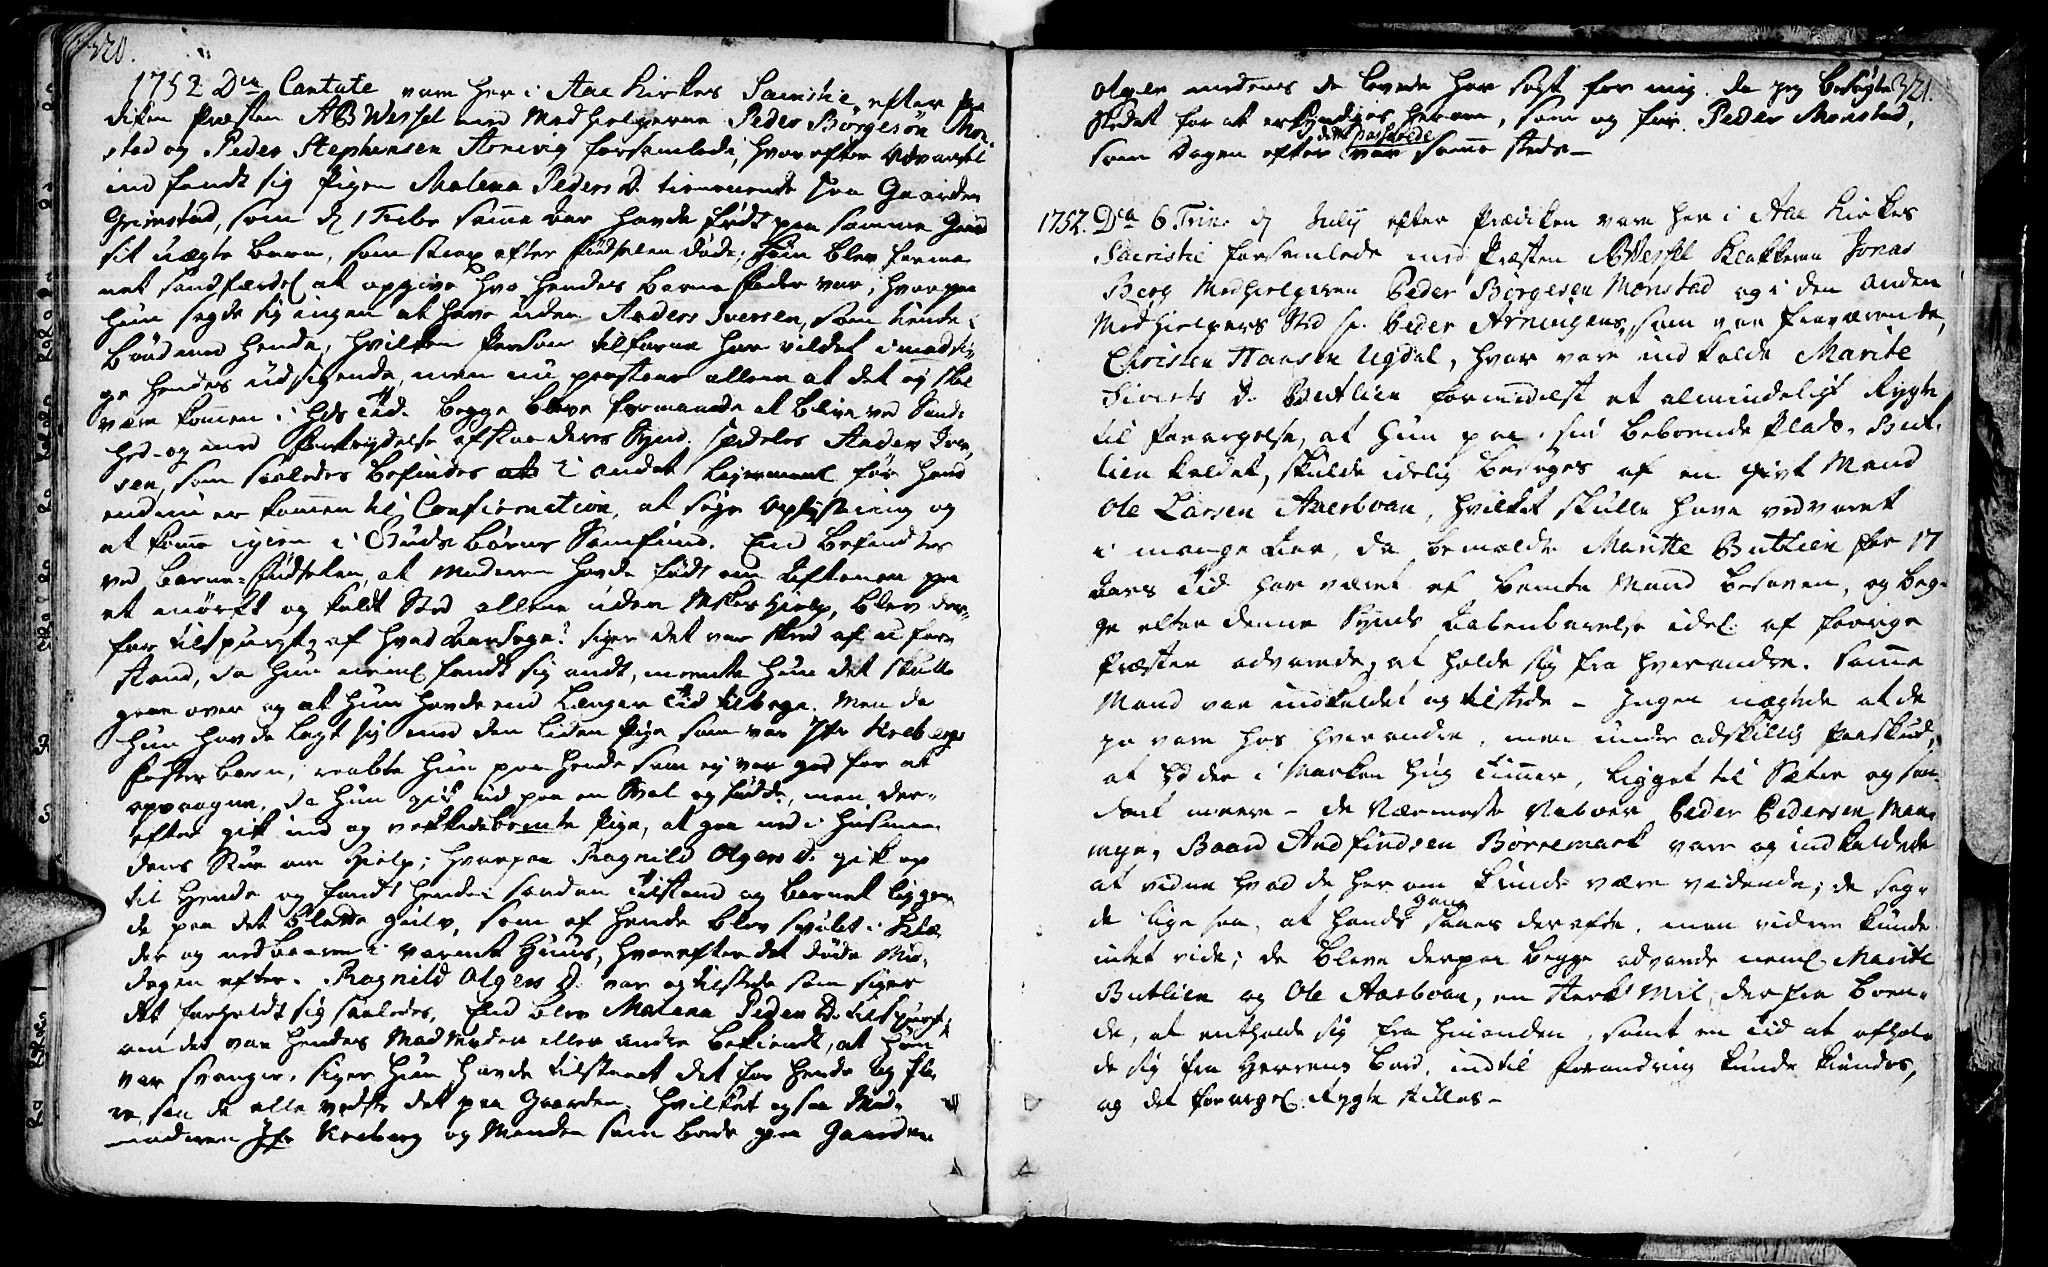 SAT, Ministerialprotokoller, klokkerbøker og fødselsregistre - Sør-Trøndelag, 655/L0672: Ministerialbok nr. 655A01, 1750-1779, s. 320-321